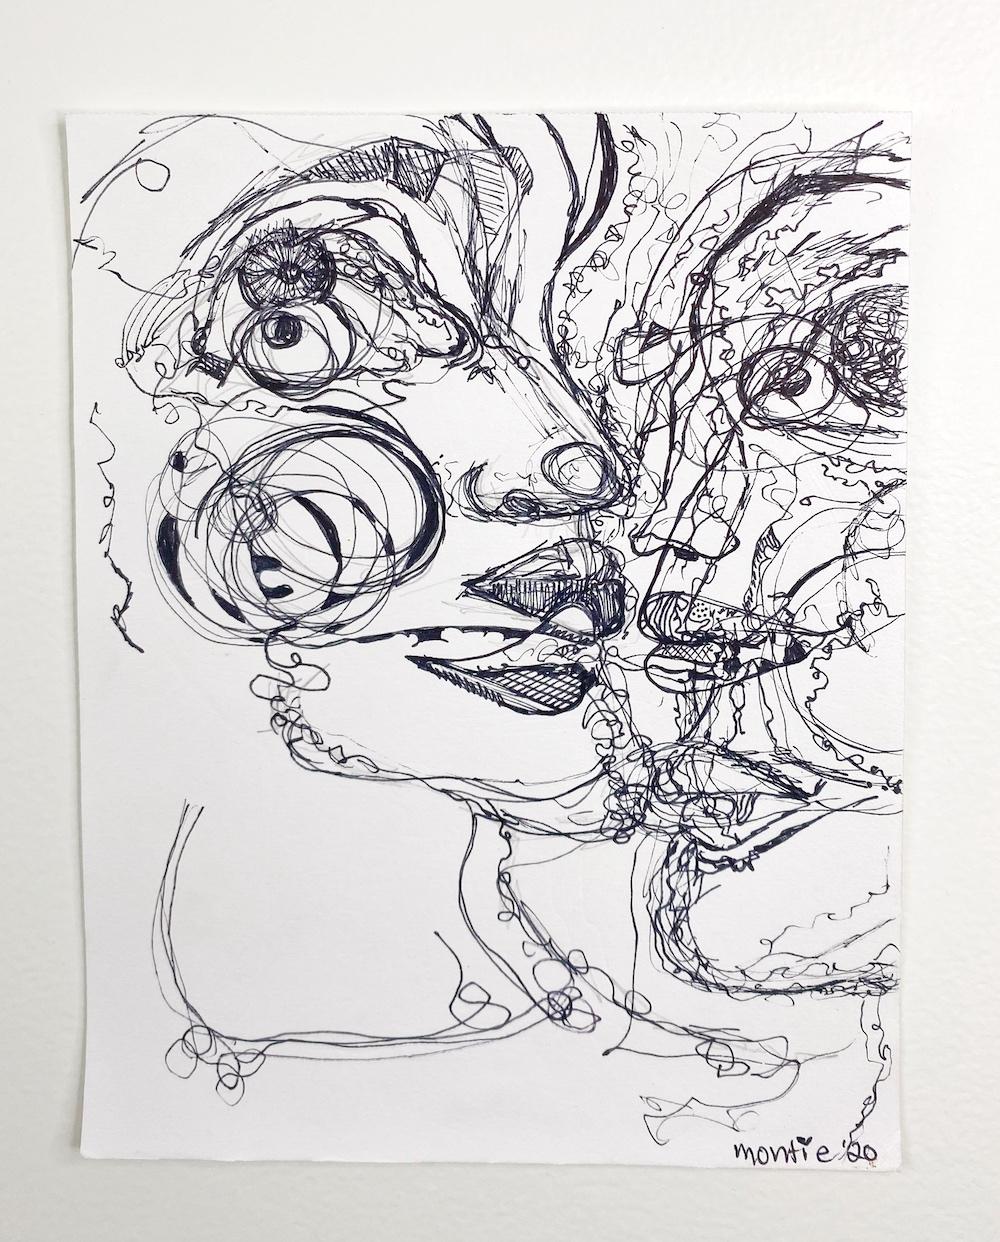 montie, Teeny, pen and ink